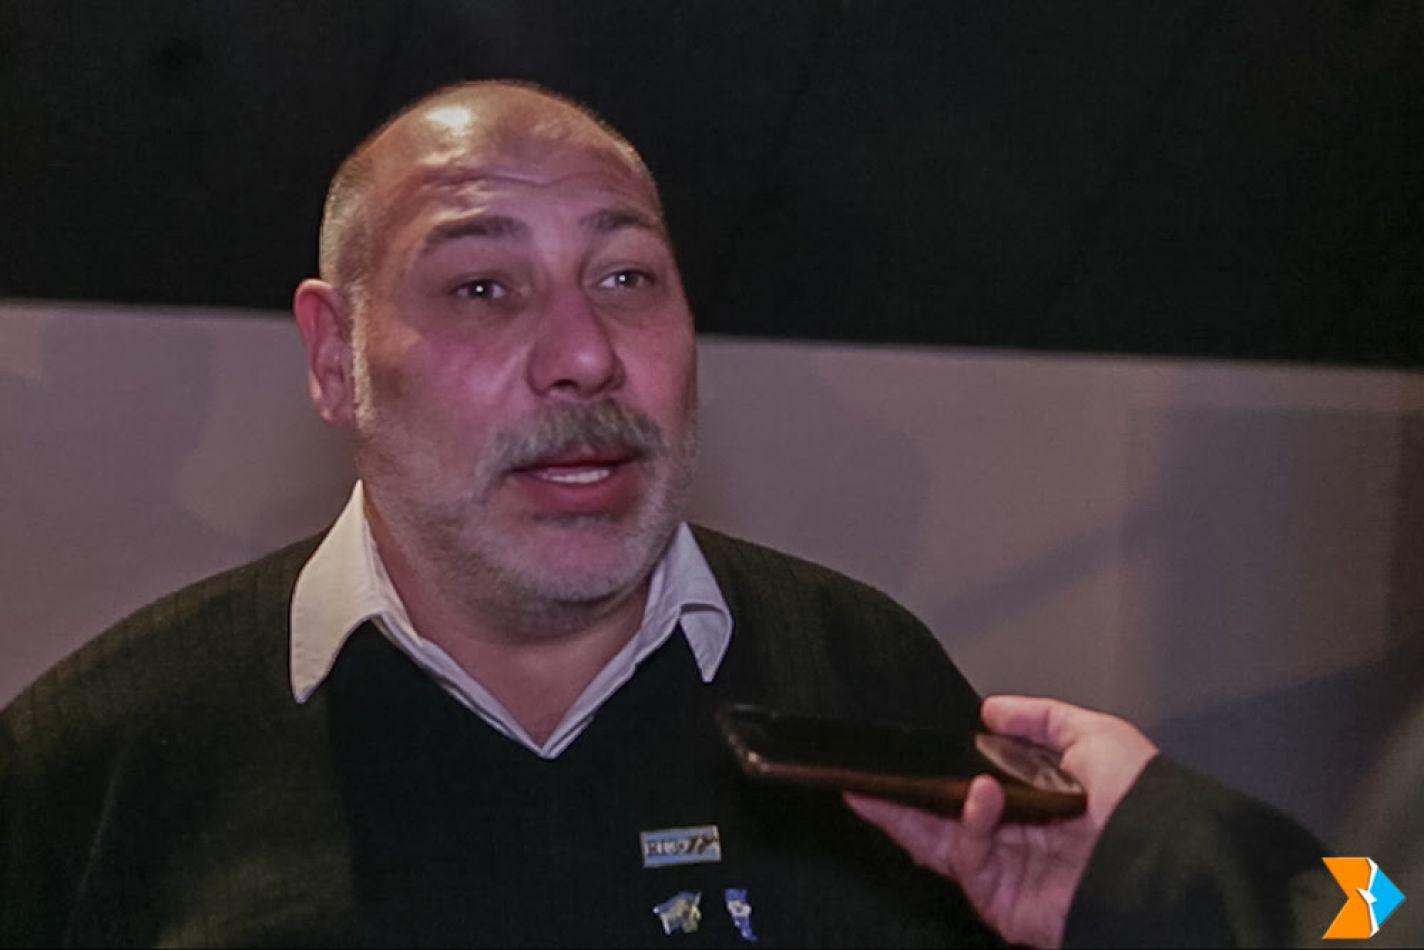 José Luis Taboada